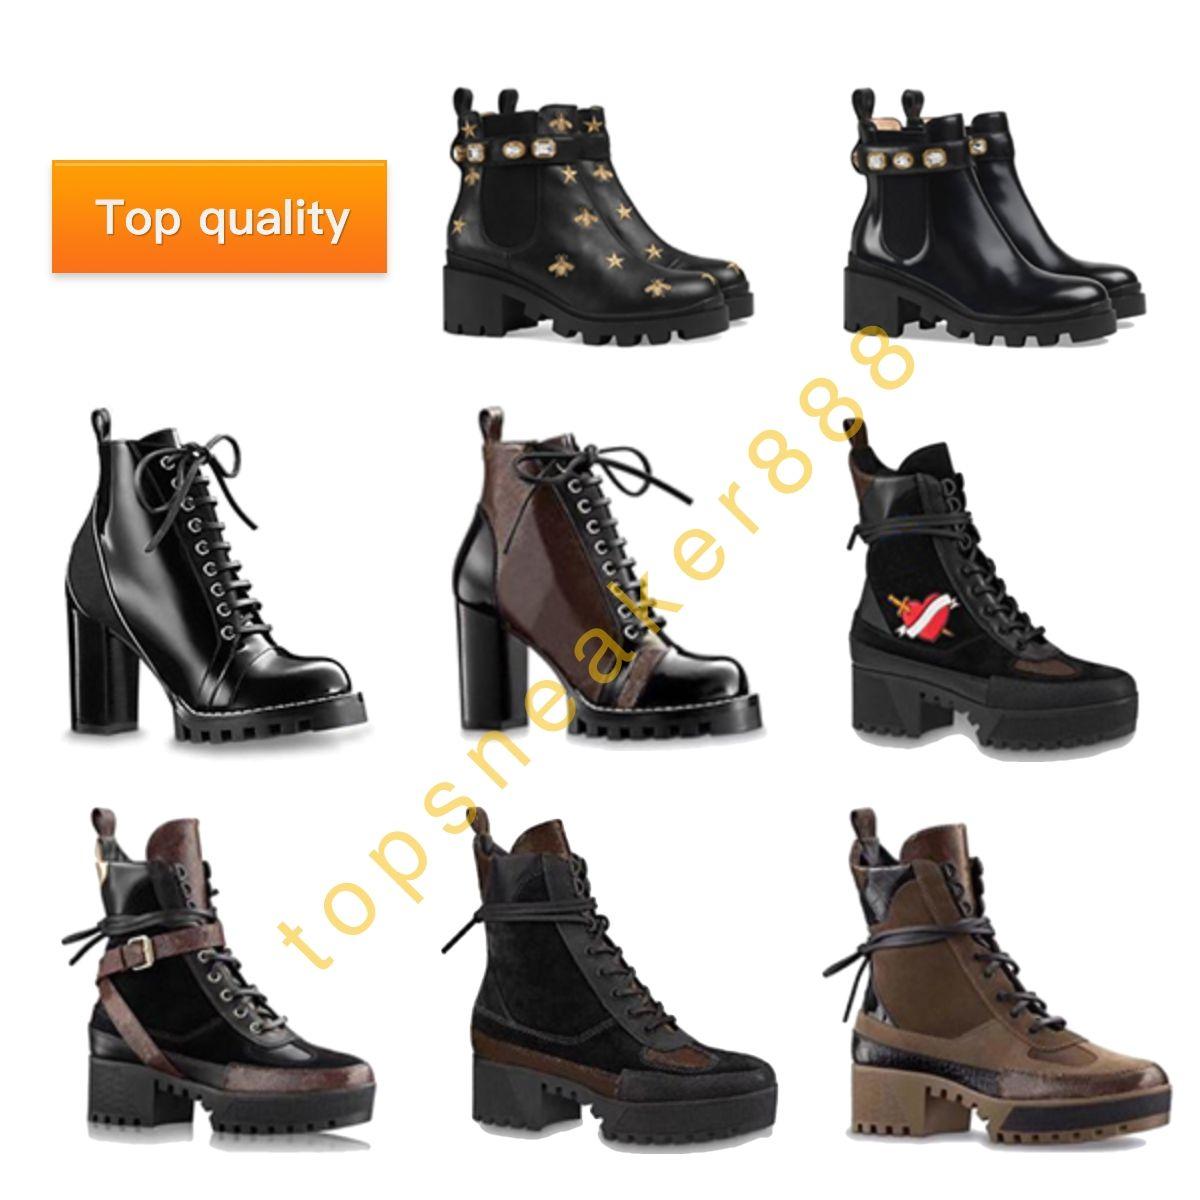 Top Quality Martin Botts Boots Stivali da donna Laureate Love Womens Black Real Pelle Medal Groarse antiscivolo Scarpe invernali Dimensione US5-11